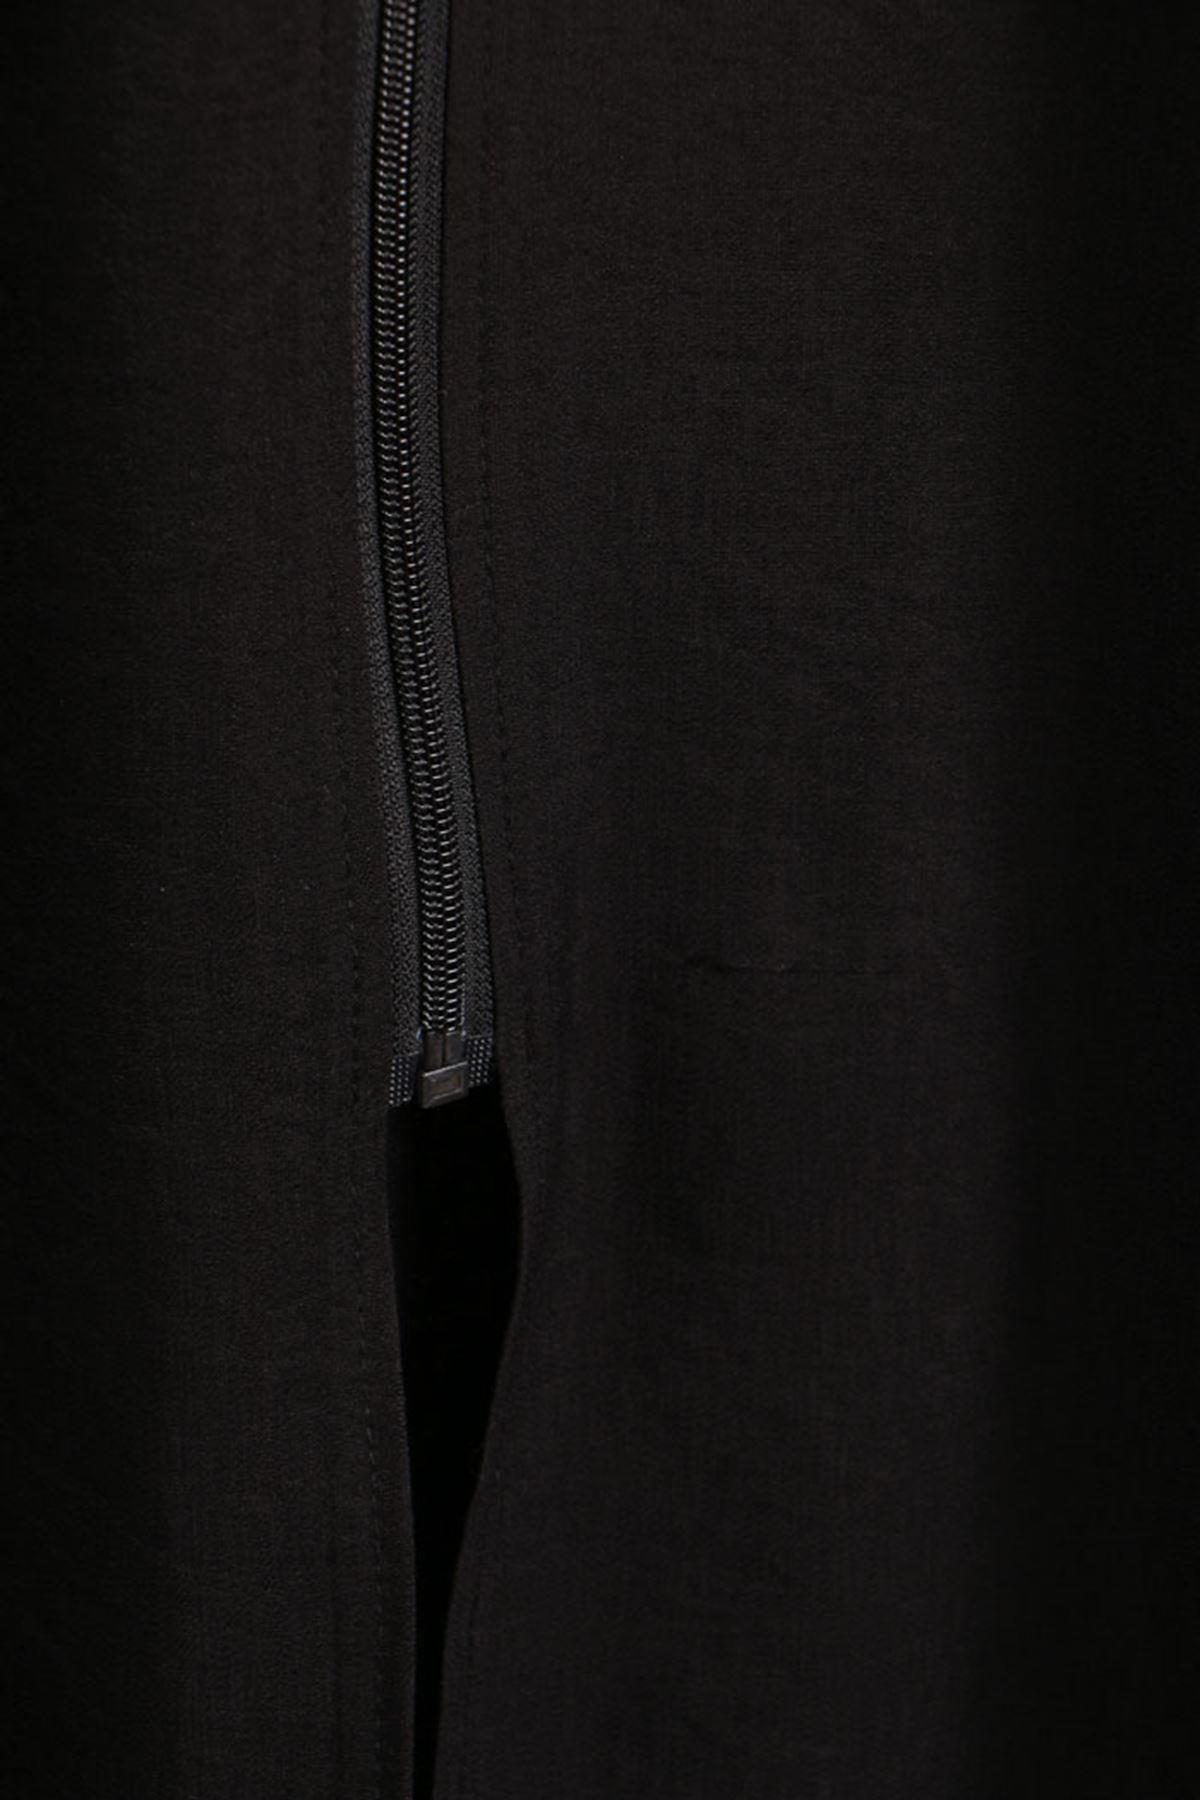 D-6034 Büyük Beden Defolu Fermuarlı Rayon Keten Pardesü -  Siyah